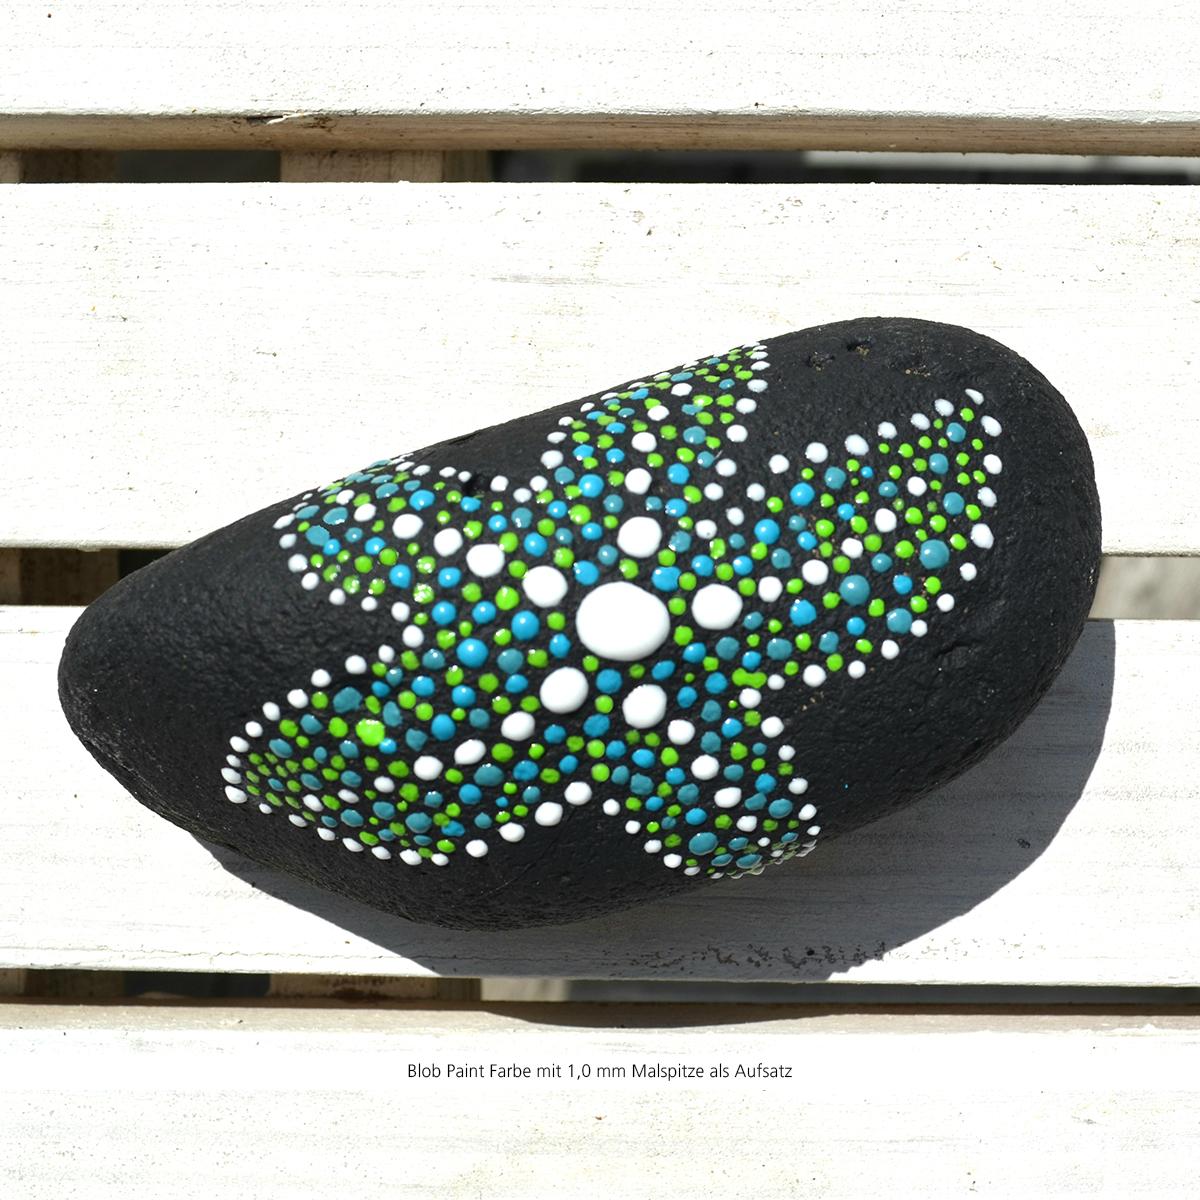 Mit Blob Paint Steine bemalen - mit einer 1,0 mm Malspitze als Aufsatz - Seestern